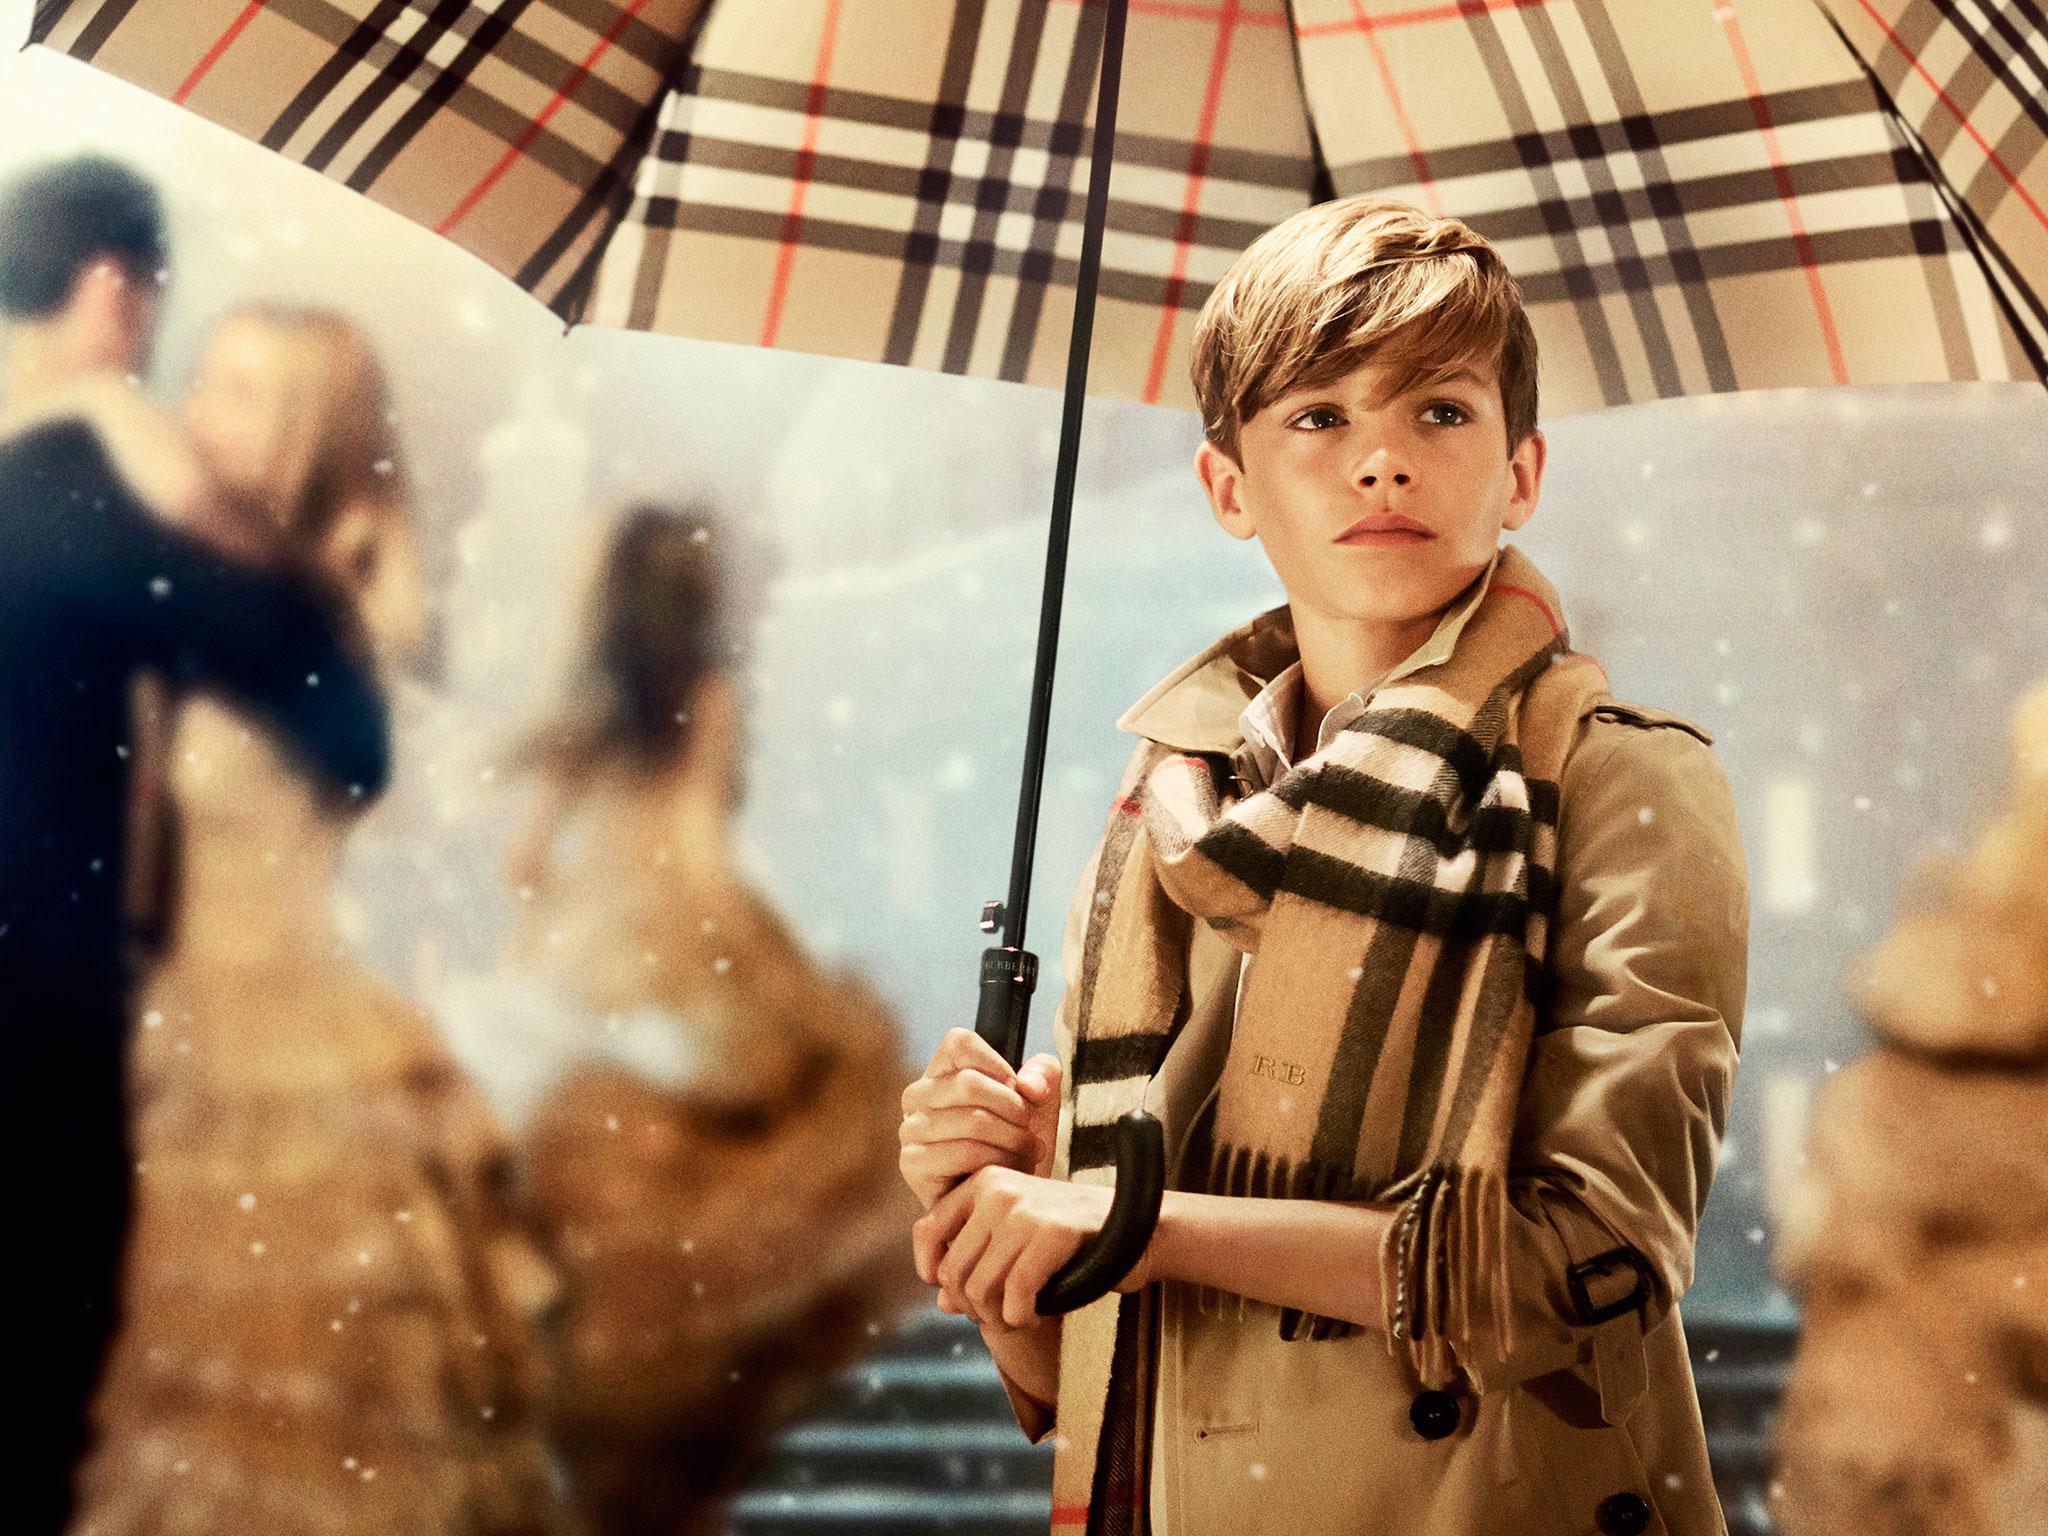 mlody chlopiec pozuje z parasolka ubrany w kultoy plaszcz burberry i szalik w kratke